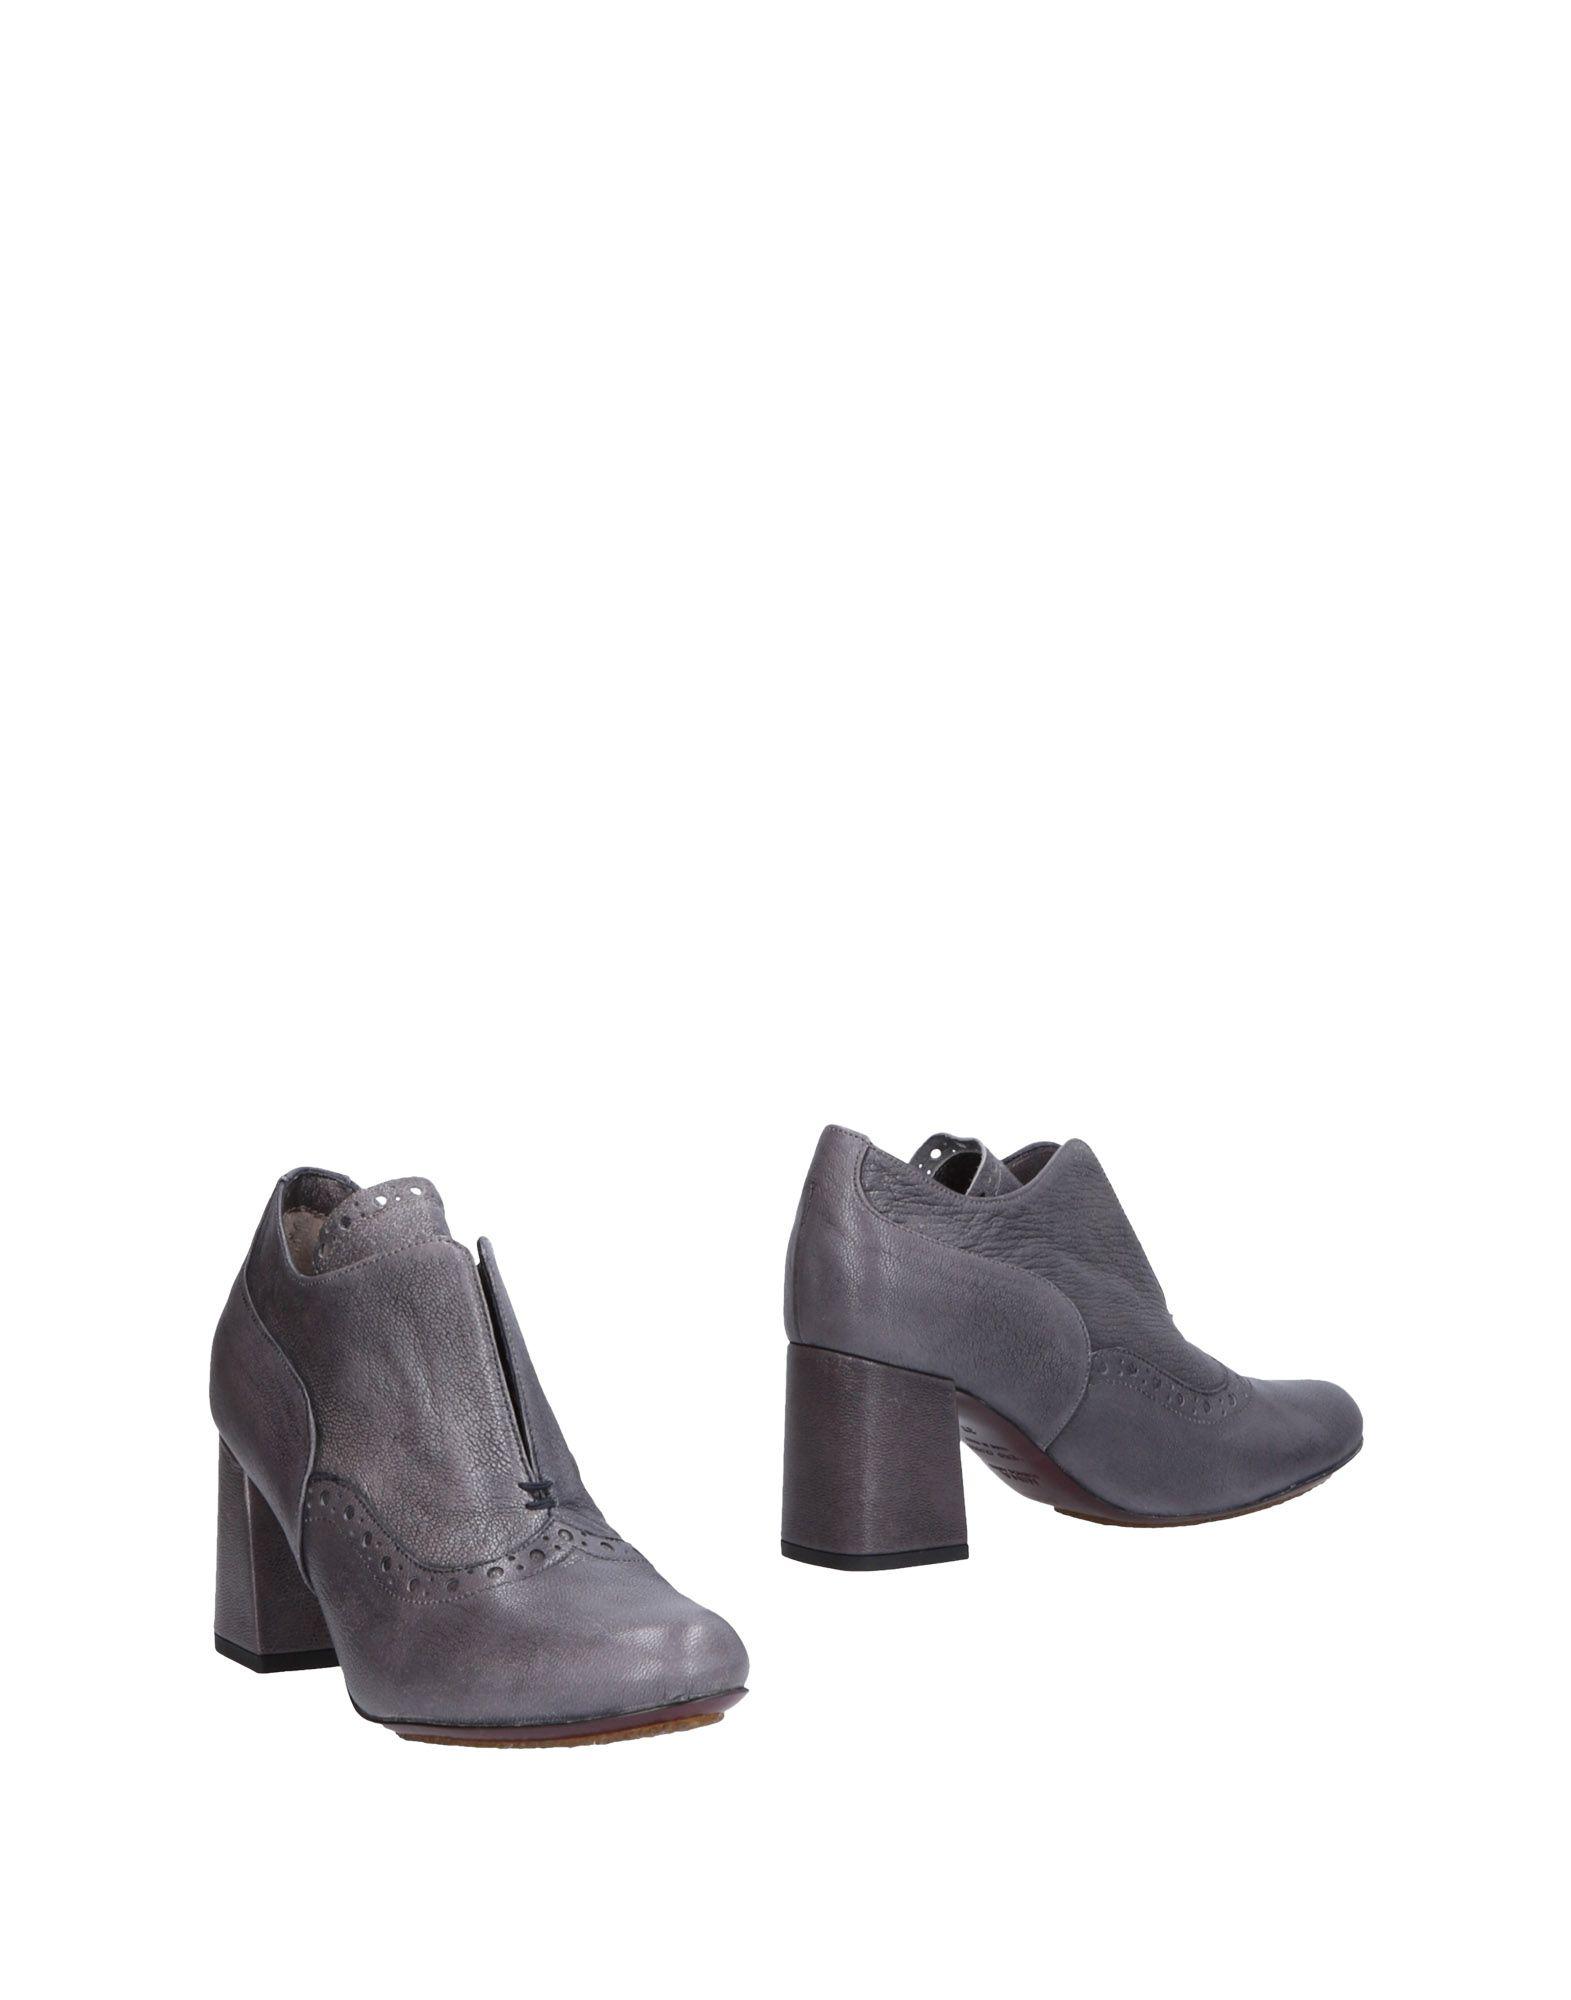 Mina Buenos Aires Stiefelette beliebte Damen  11468424SM Gute Qualität beliebte Stiefelette Schuhe 889dab